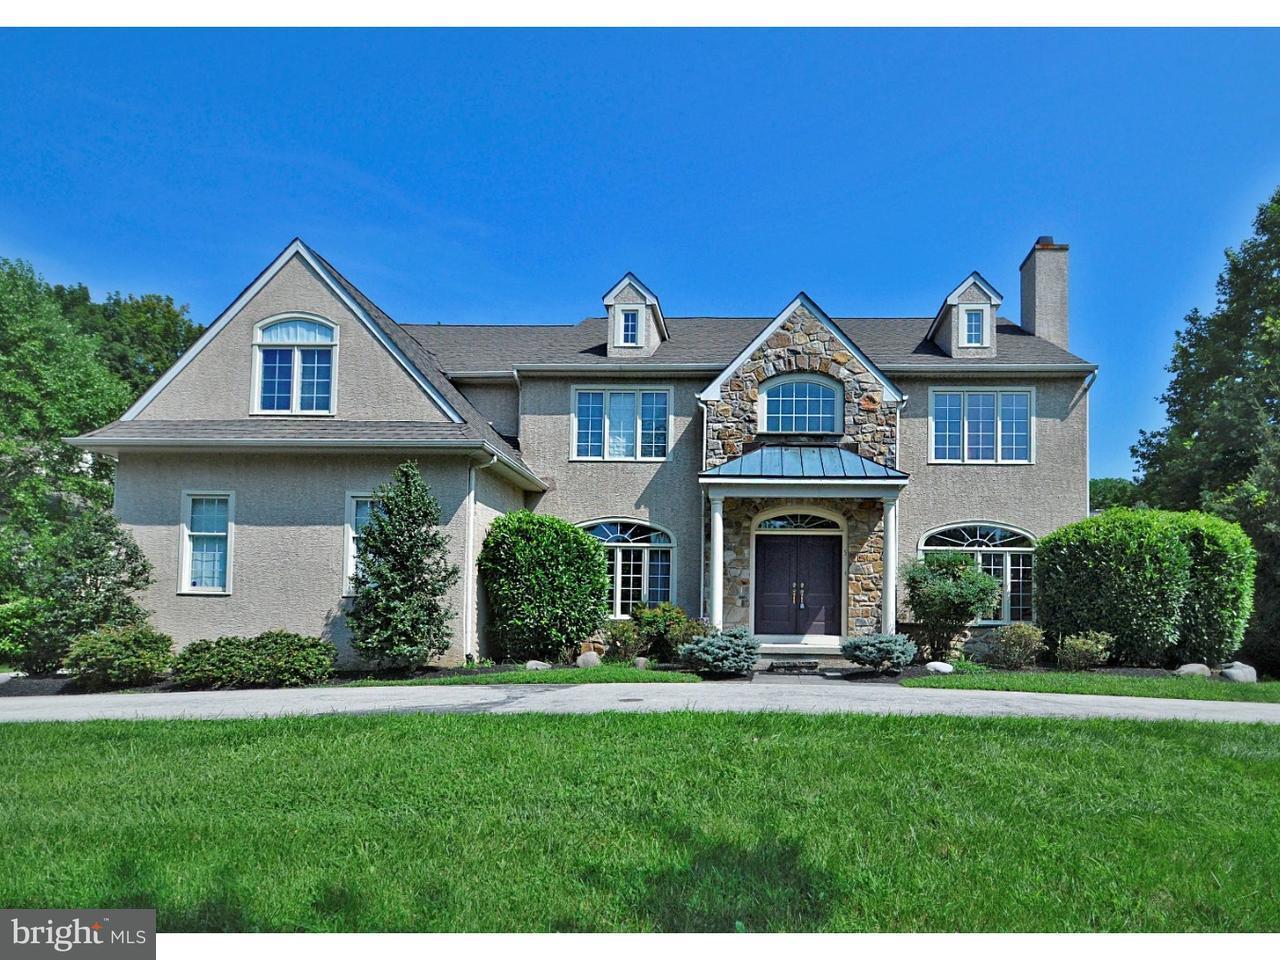 Tek Ailelik Ev için Satış at 5 GOLF VIEW Drive Lafayette Hill, Pennsylvania 19444 Amerika Birleşik Devletleri